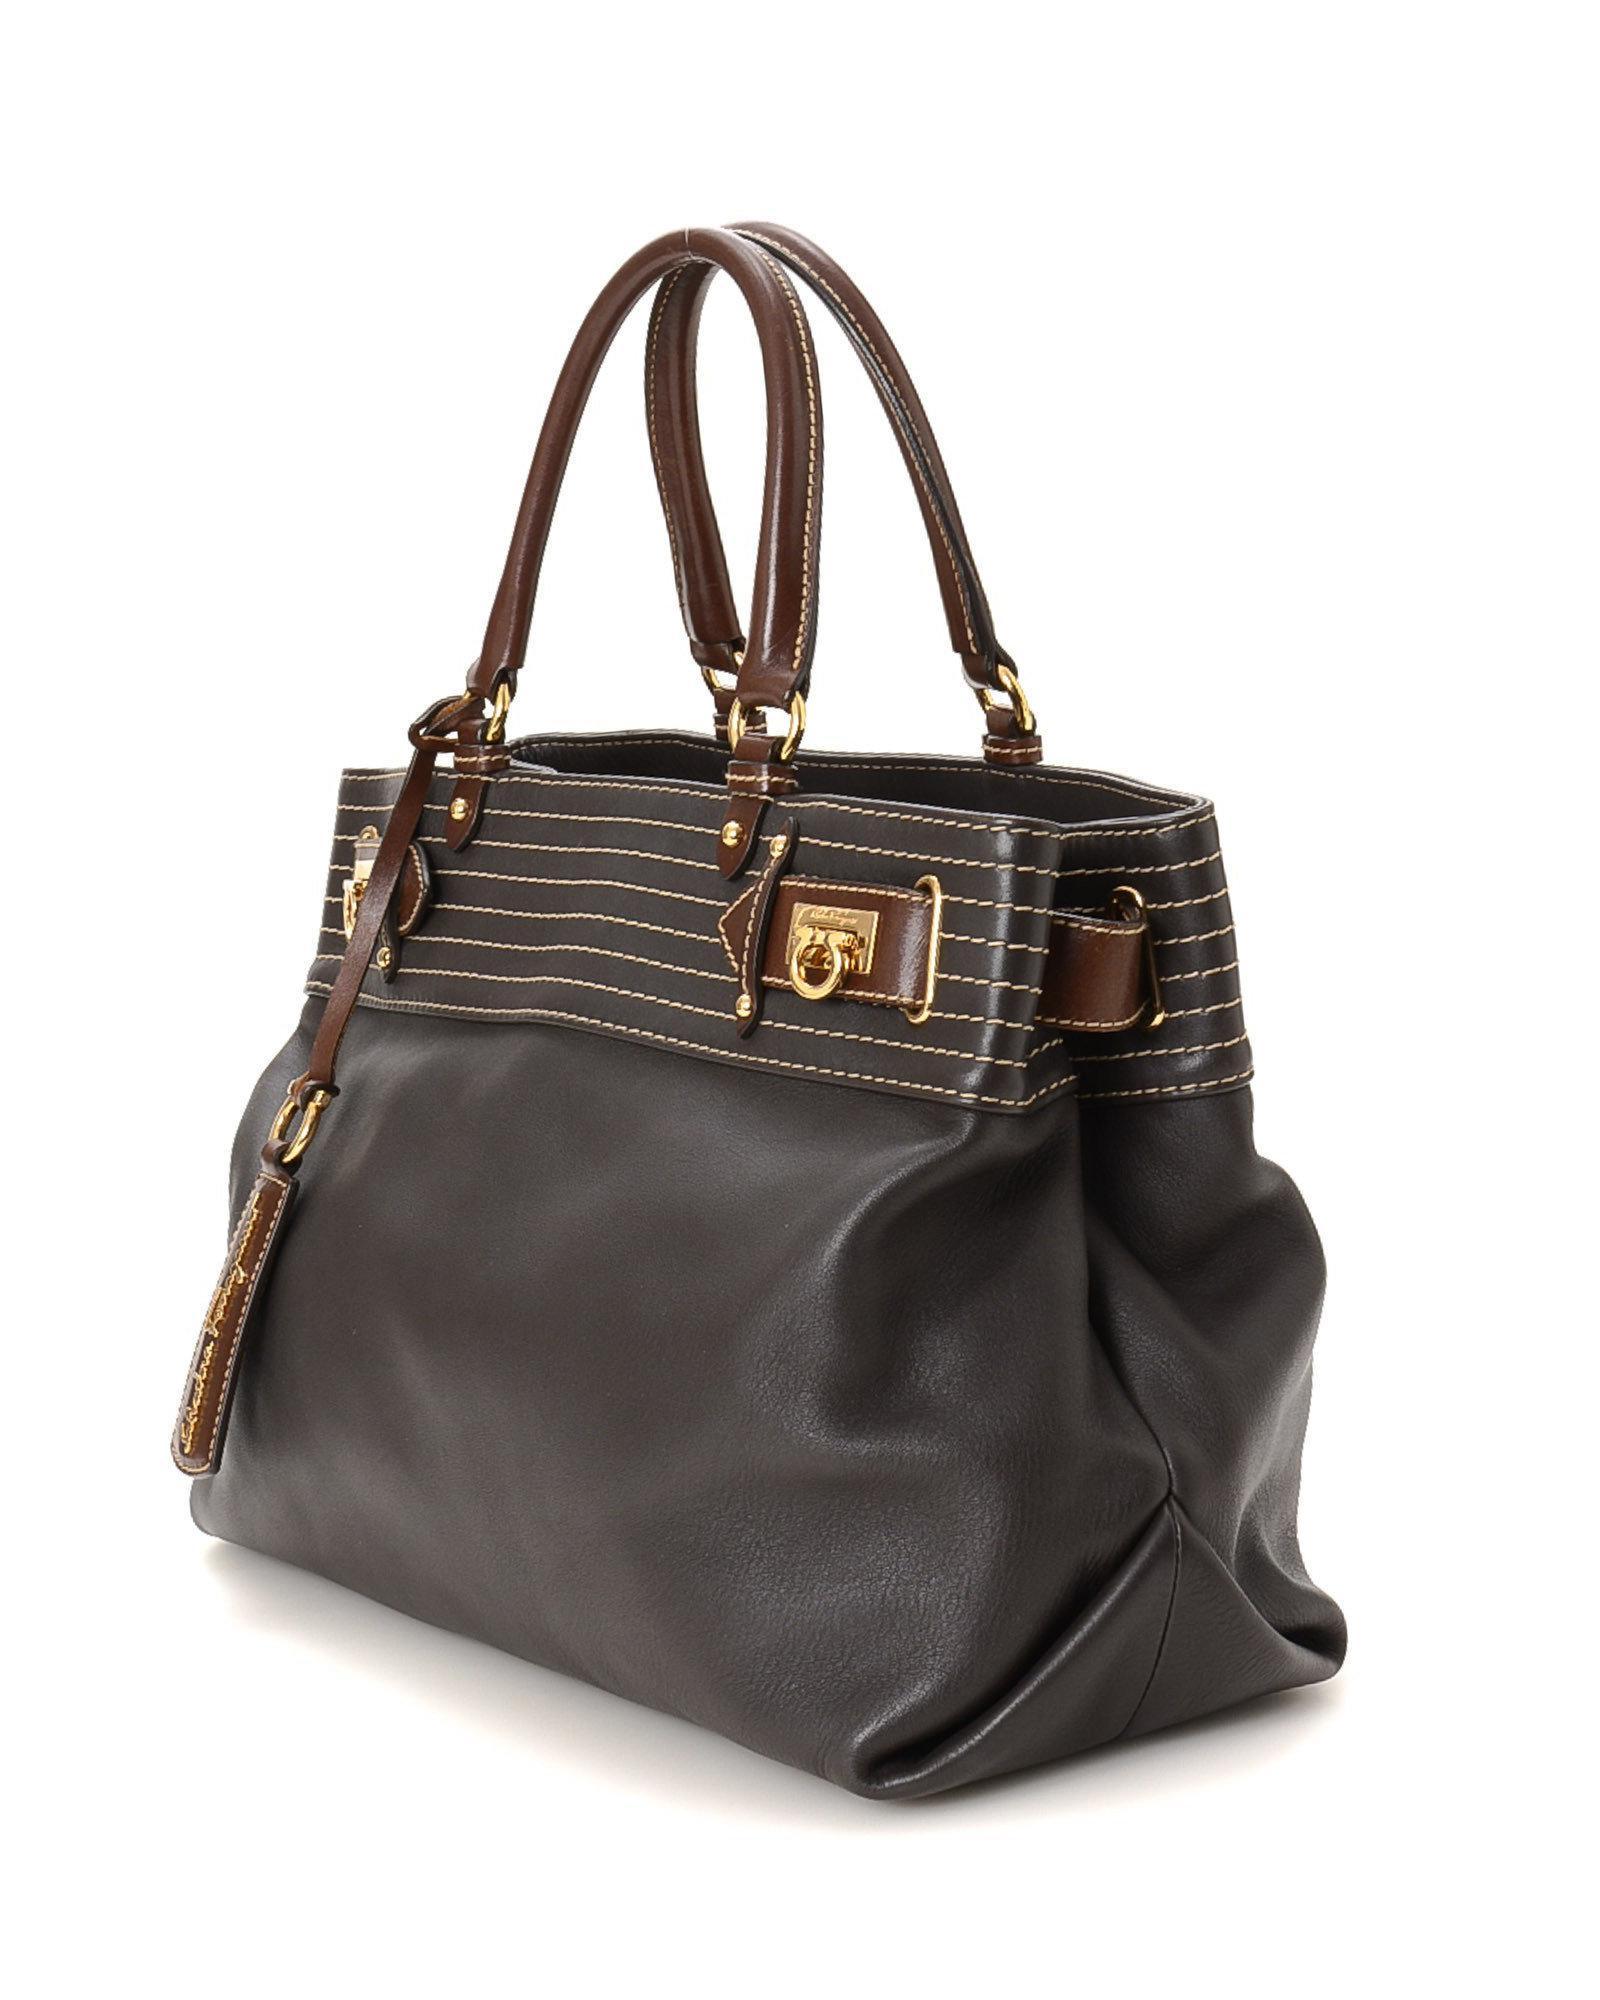 c6ef25a484 Lyst - Ferragamo Shoulder Bag - Vintage in Black